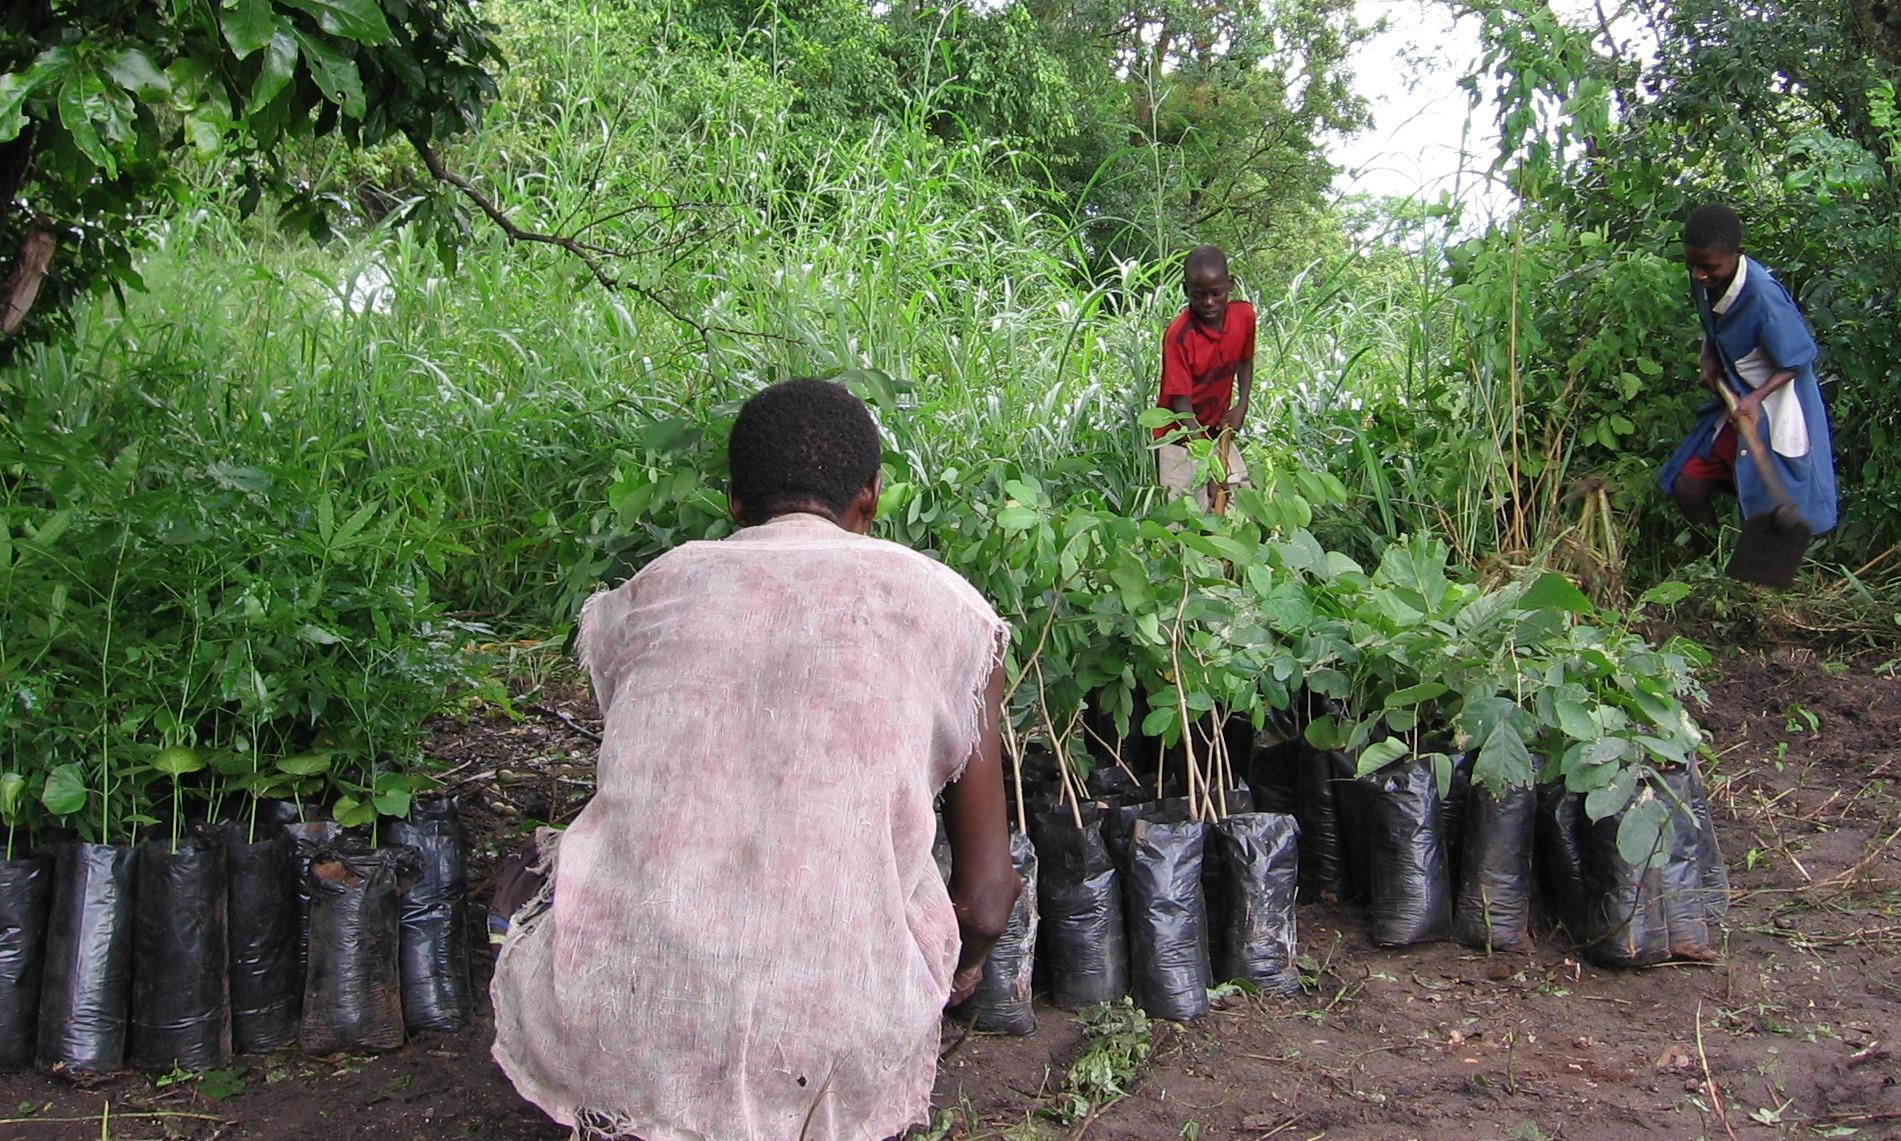 Entrega das árvores  -Delivery of saplings